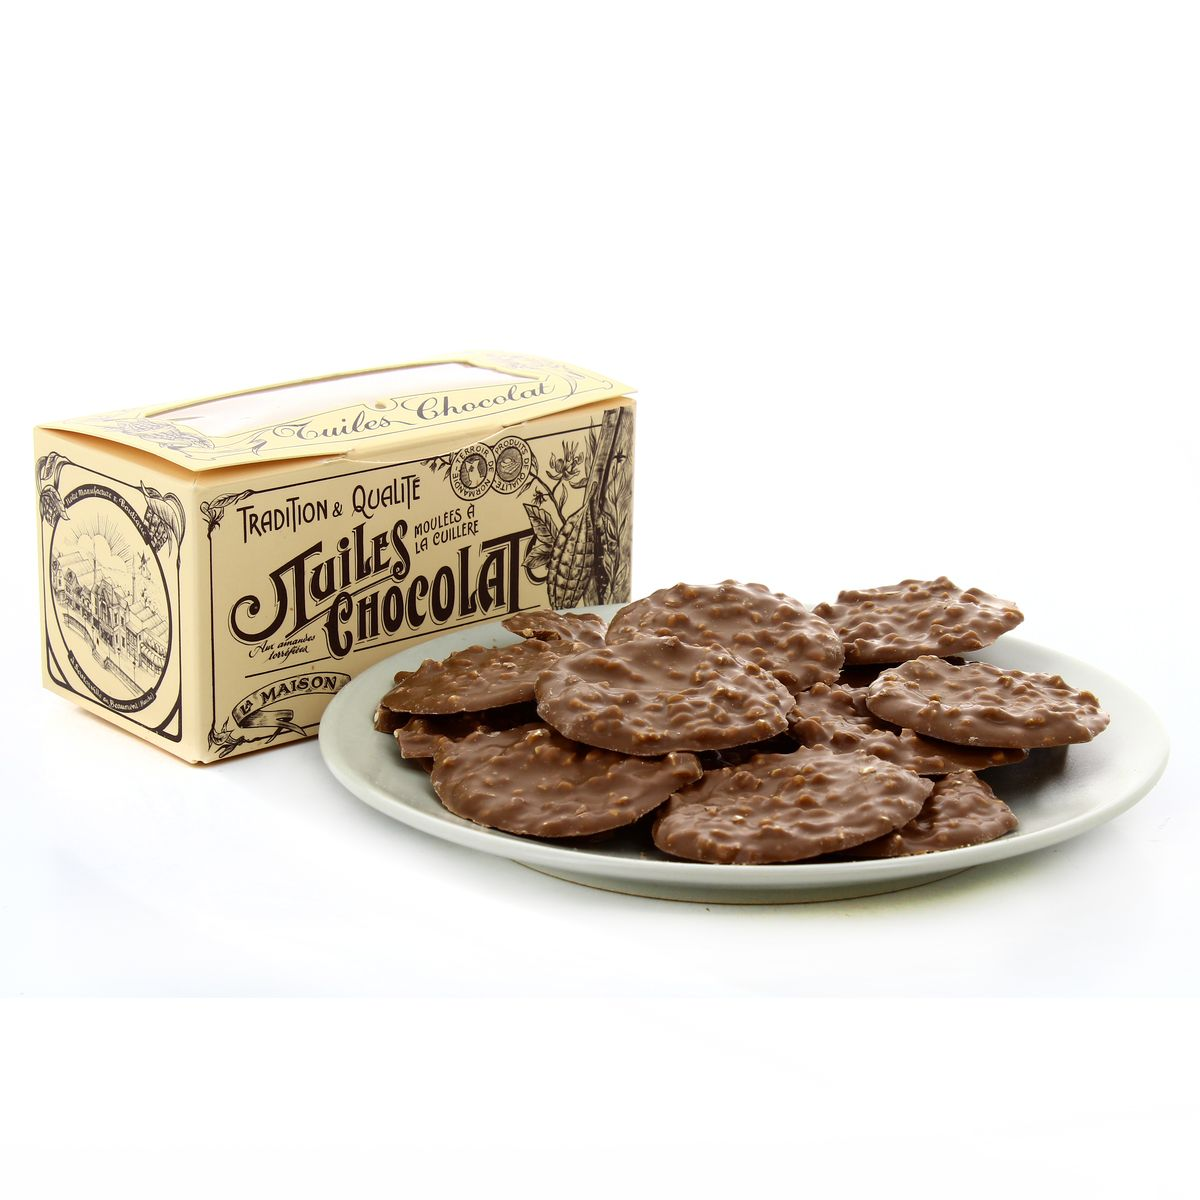 Ballotin de tuiles au chocolat au lait, La Maison du Biscuit (170 g) - DLUO 20/06